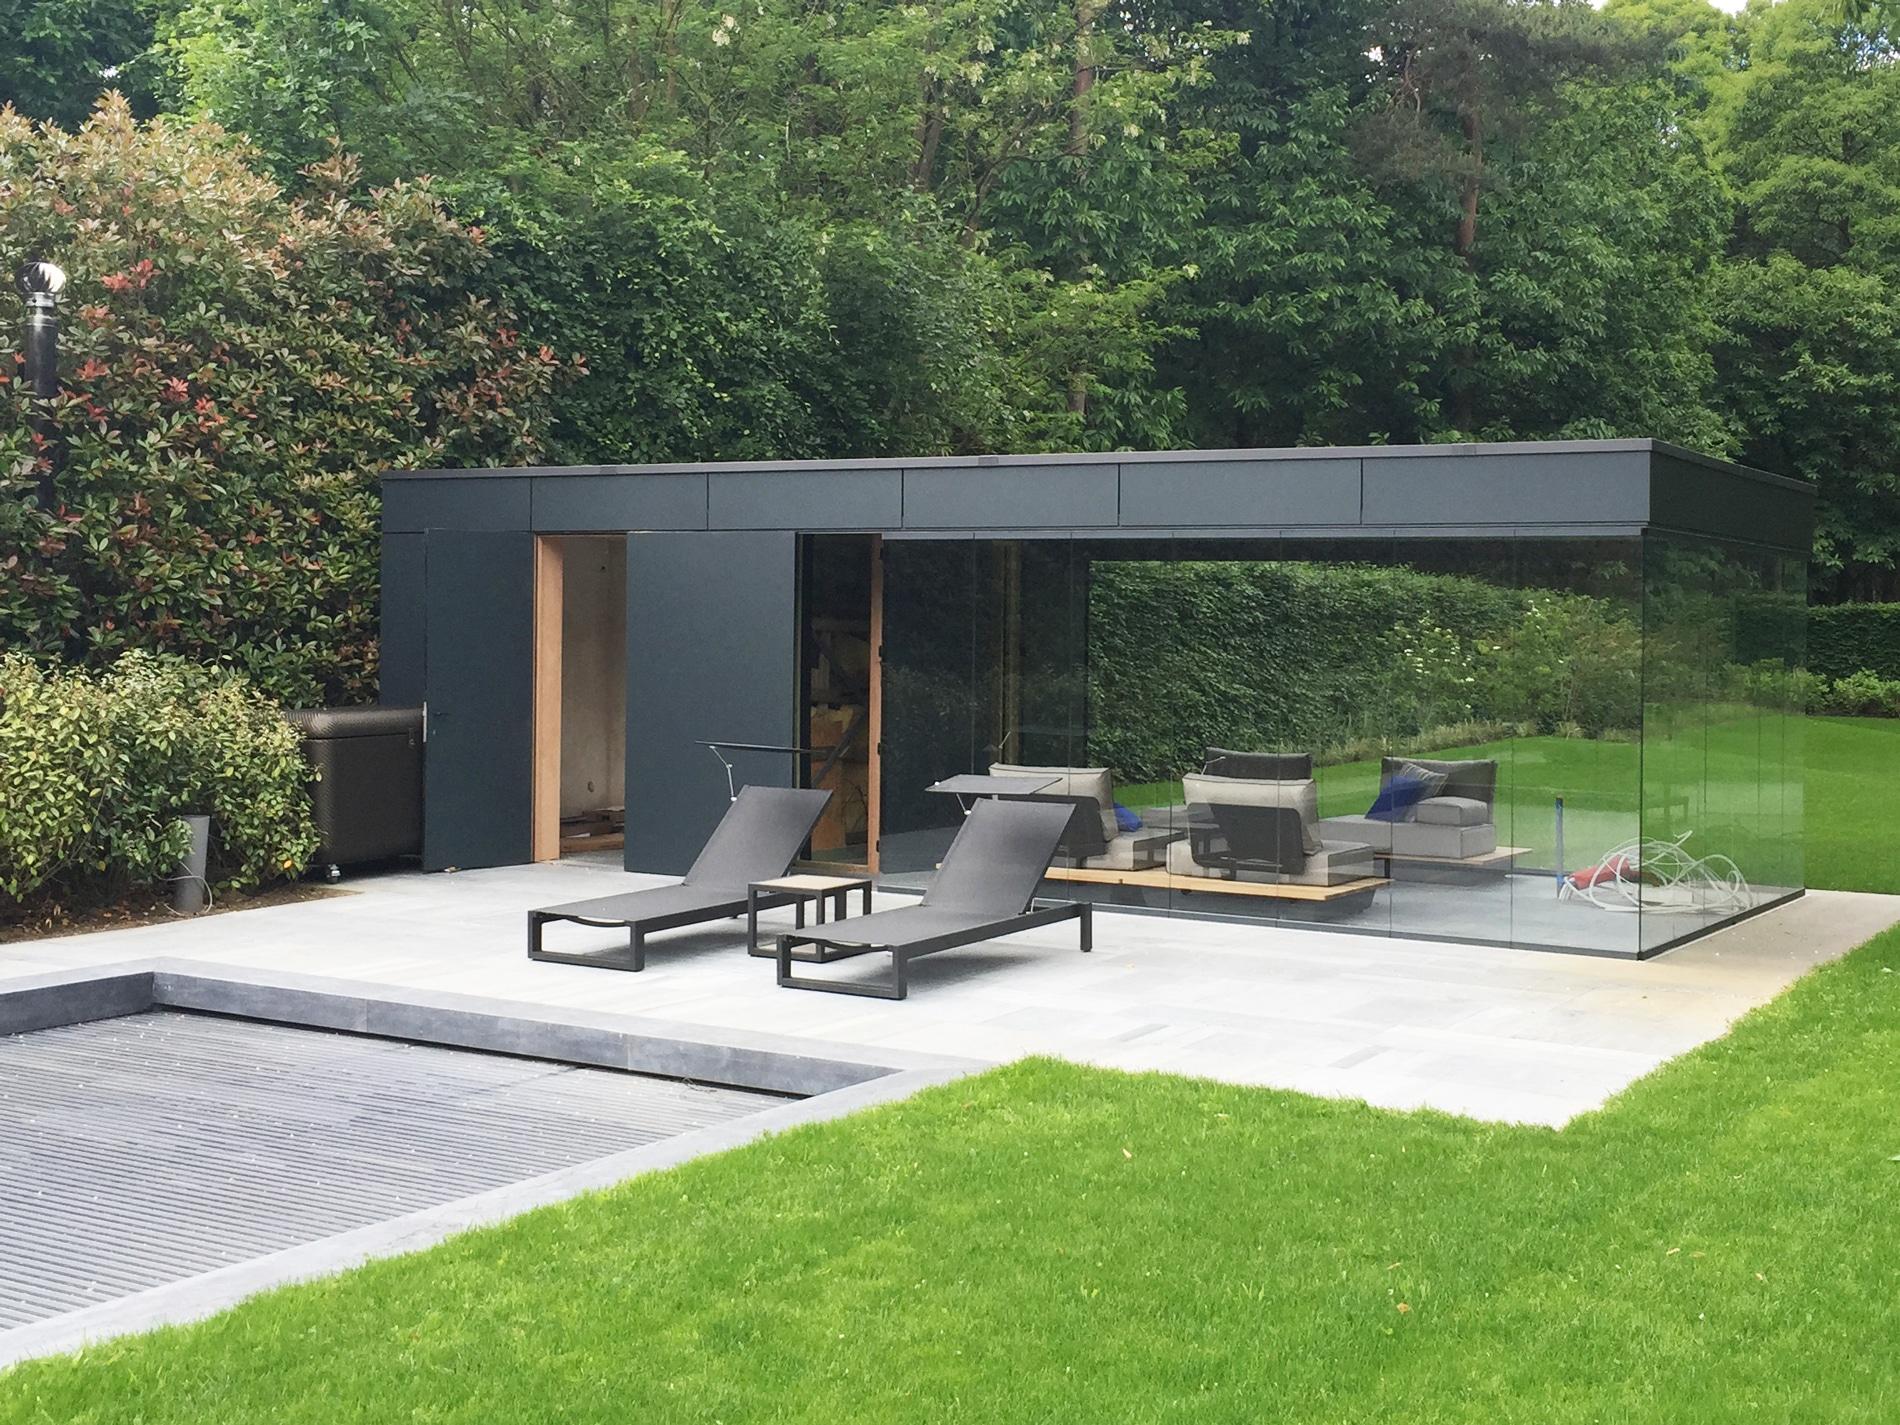 Poolhaus mit Flachdach und Glas